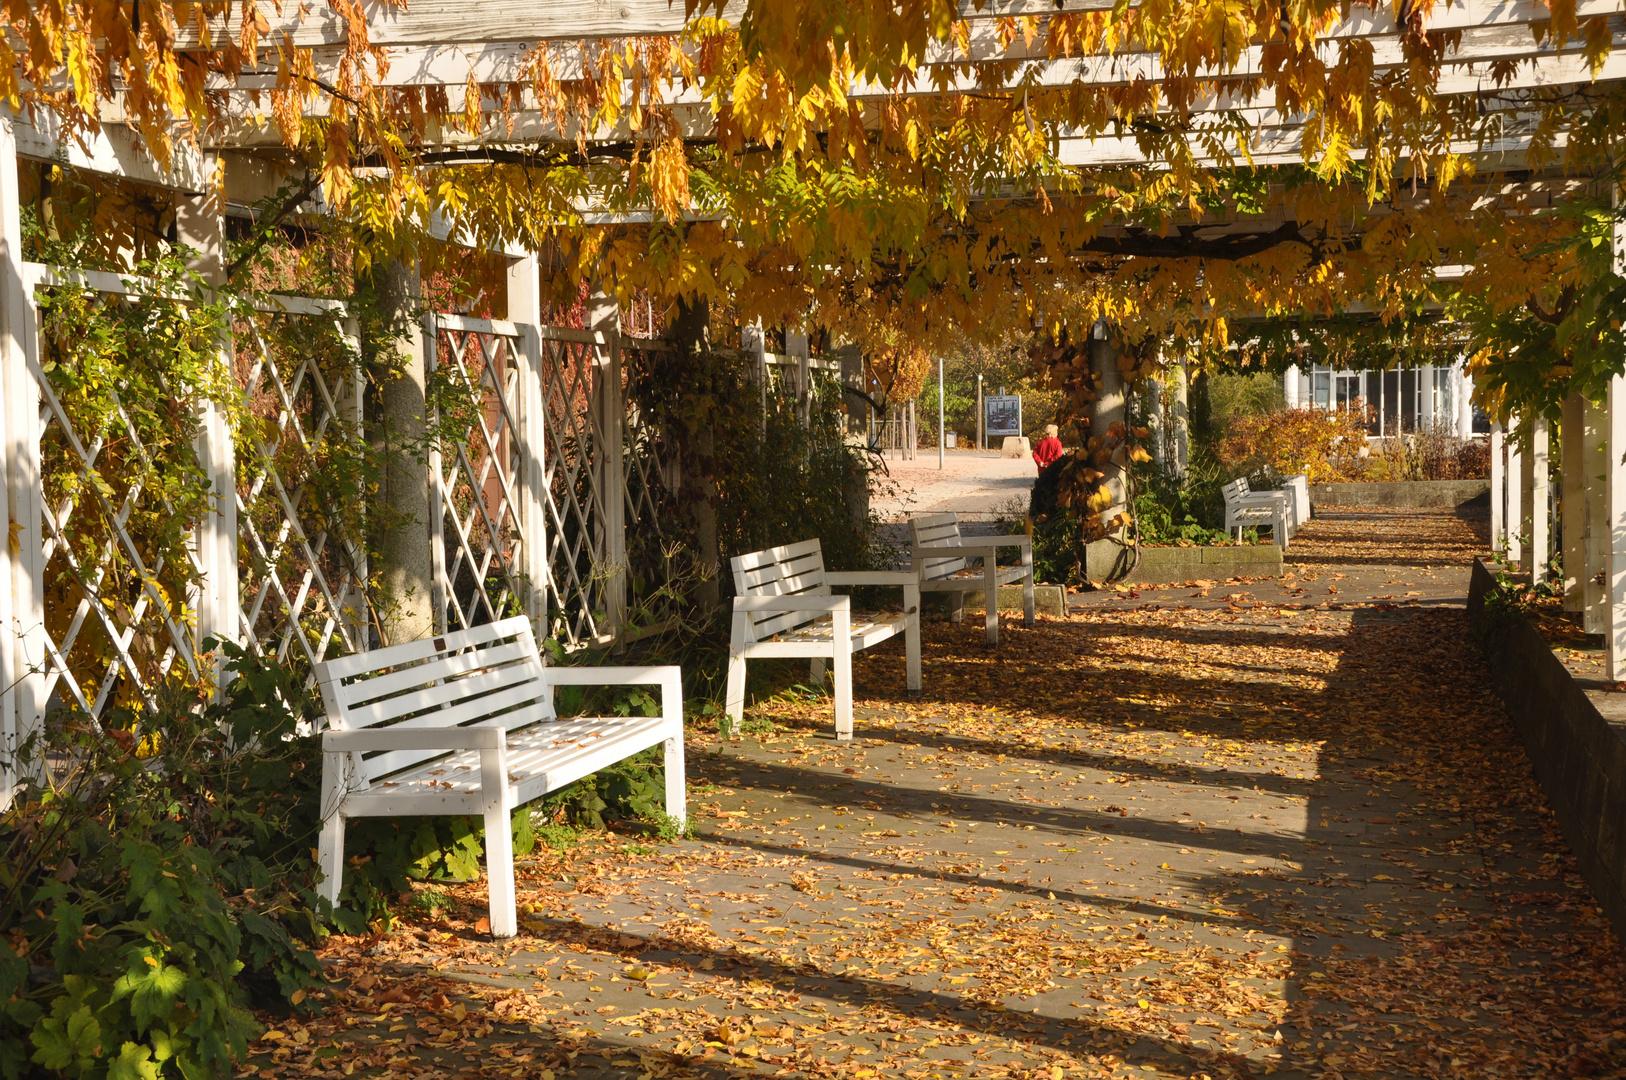 Bietigheim-Bissingen / Herbst im Bürgergarten